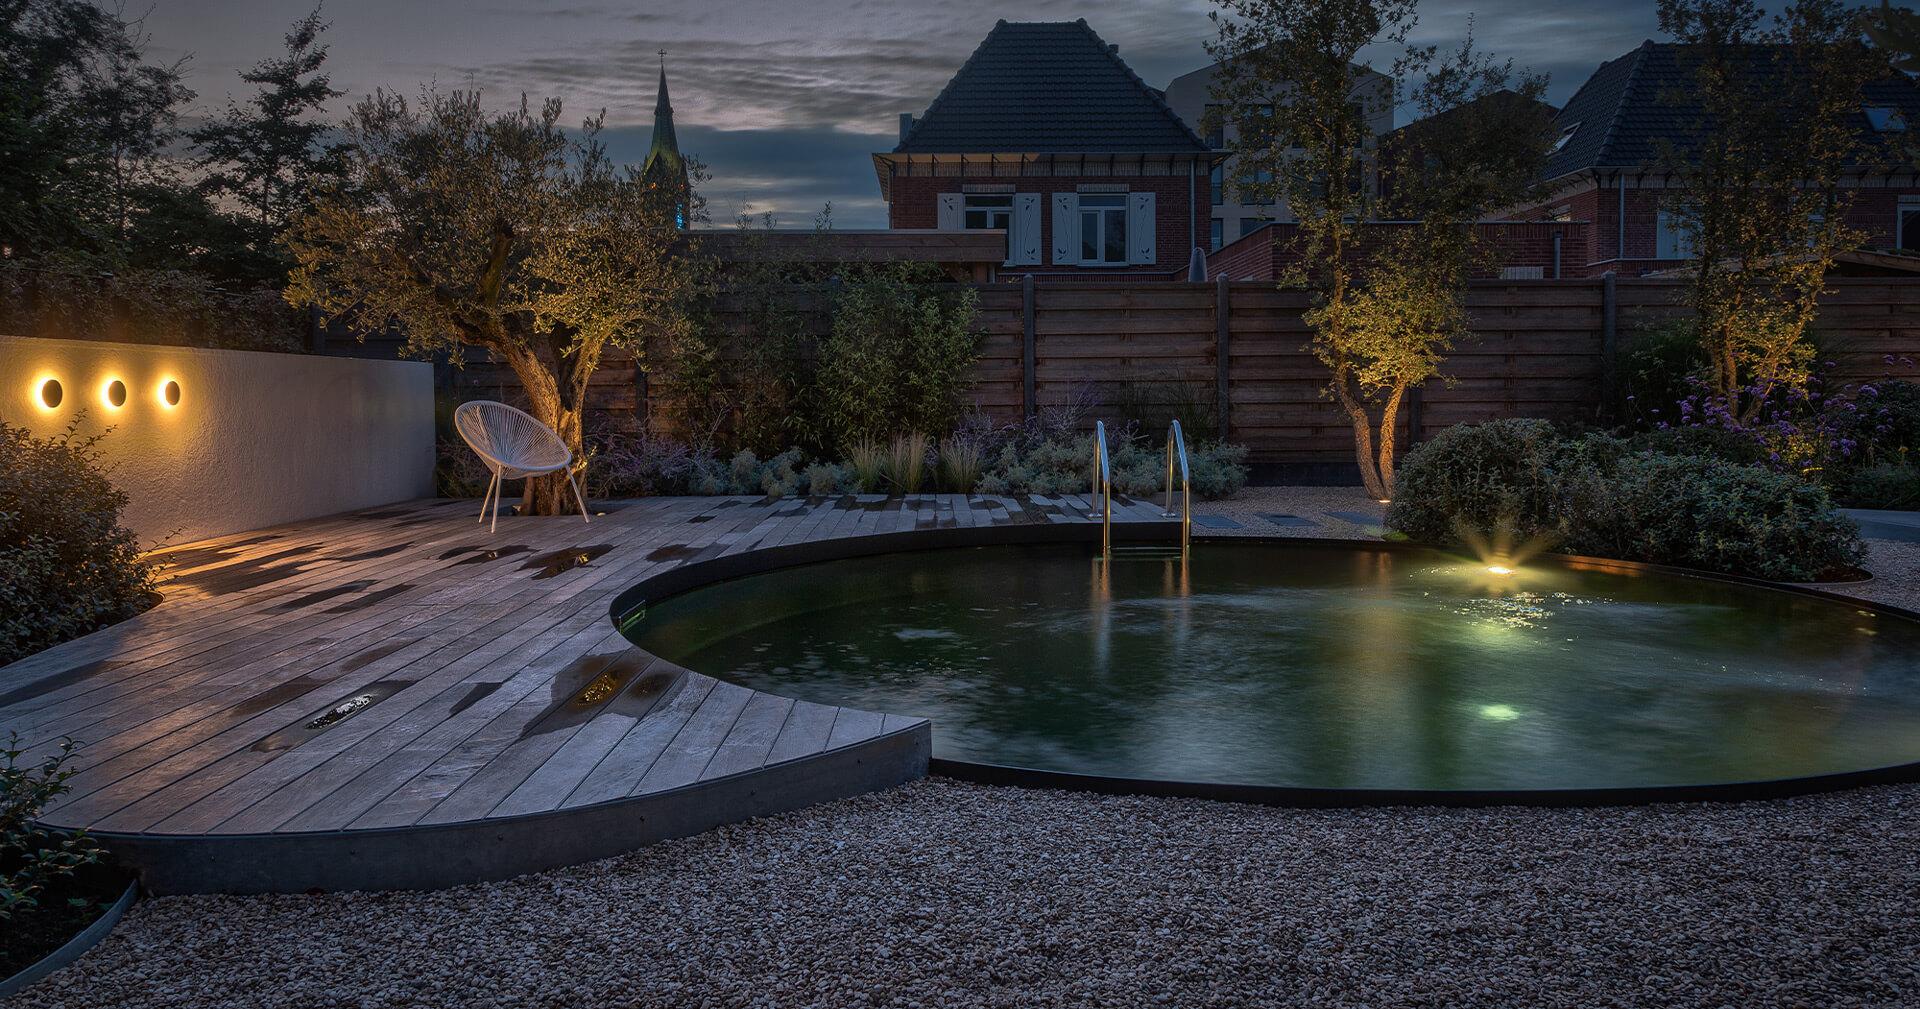 Sfeerafbeelding voor pagina tuinonderhoud - Luijendijk Hoveniers